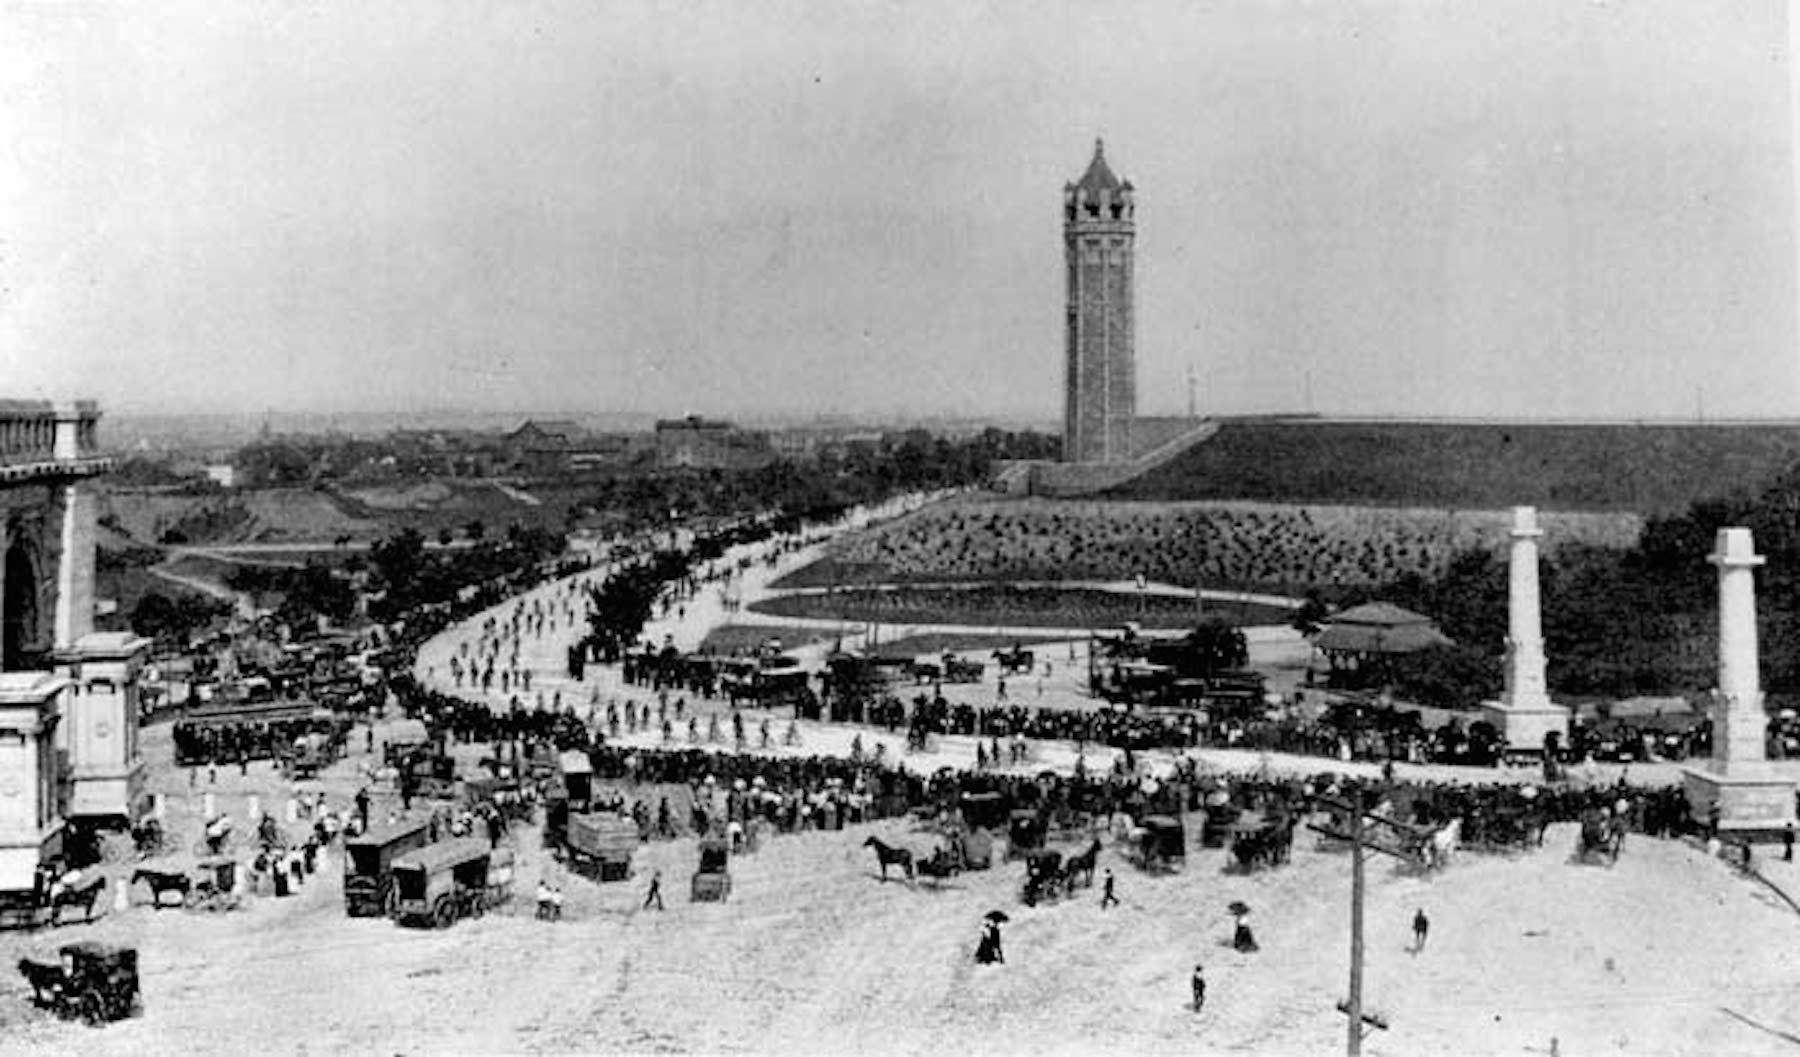 Bike parade 1895.jpg